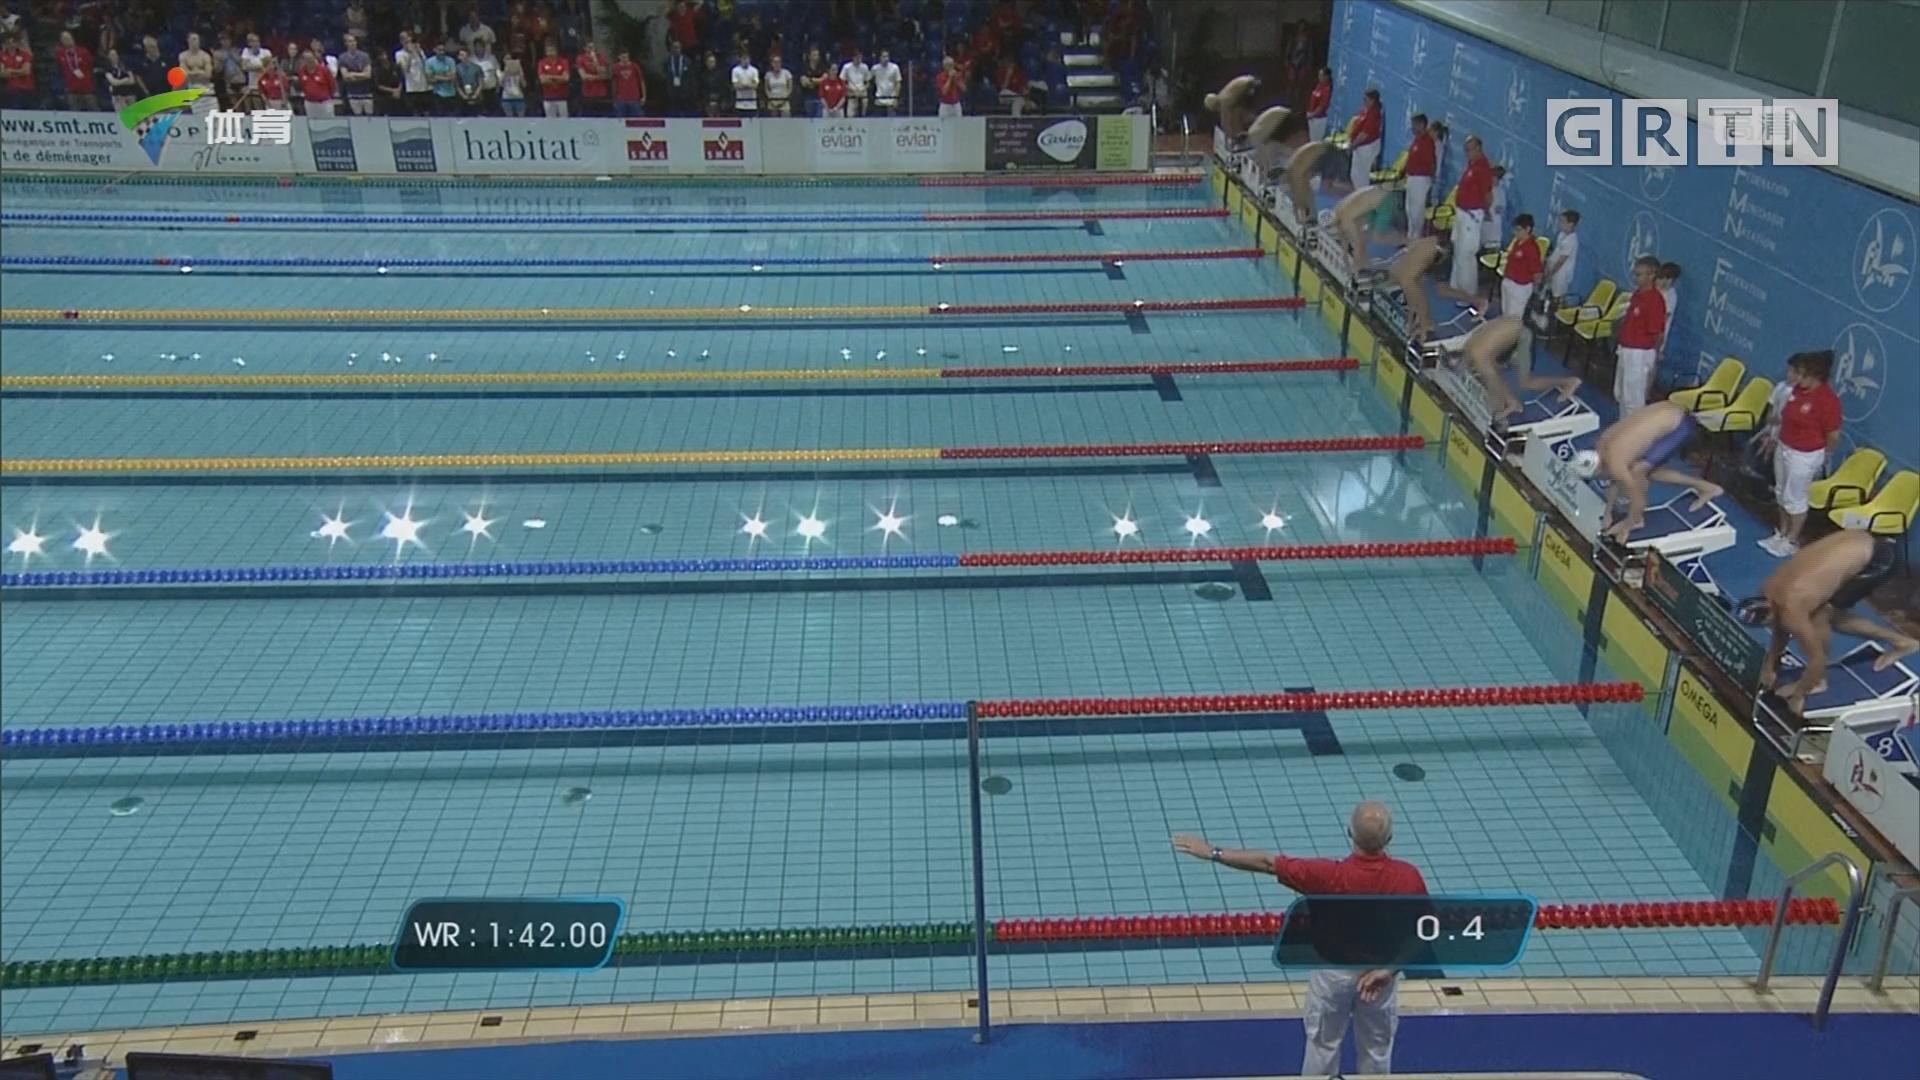 地中海游泳赛摩纳哥站 盖伊夺得200米自由泳冠军